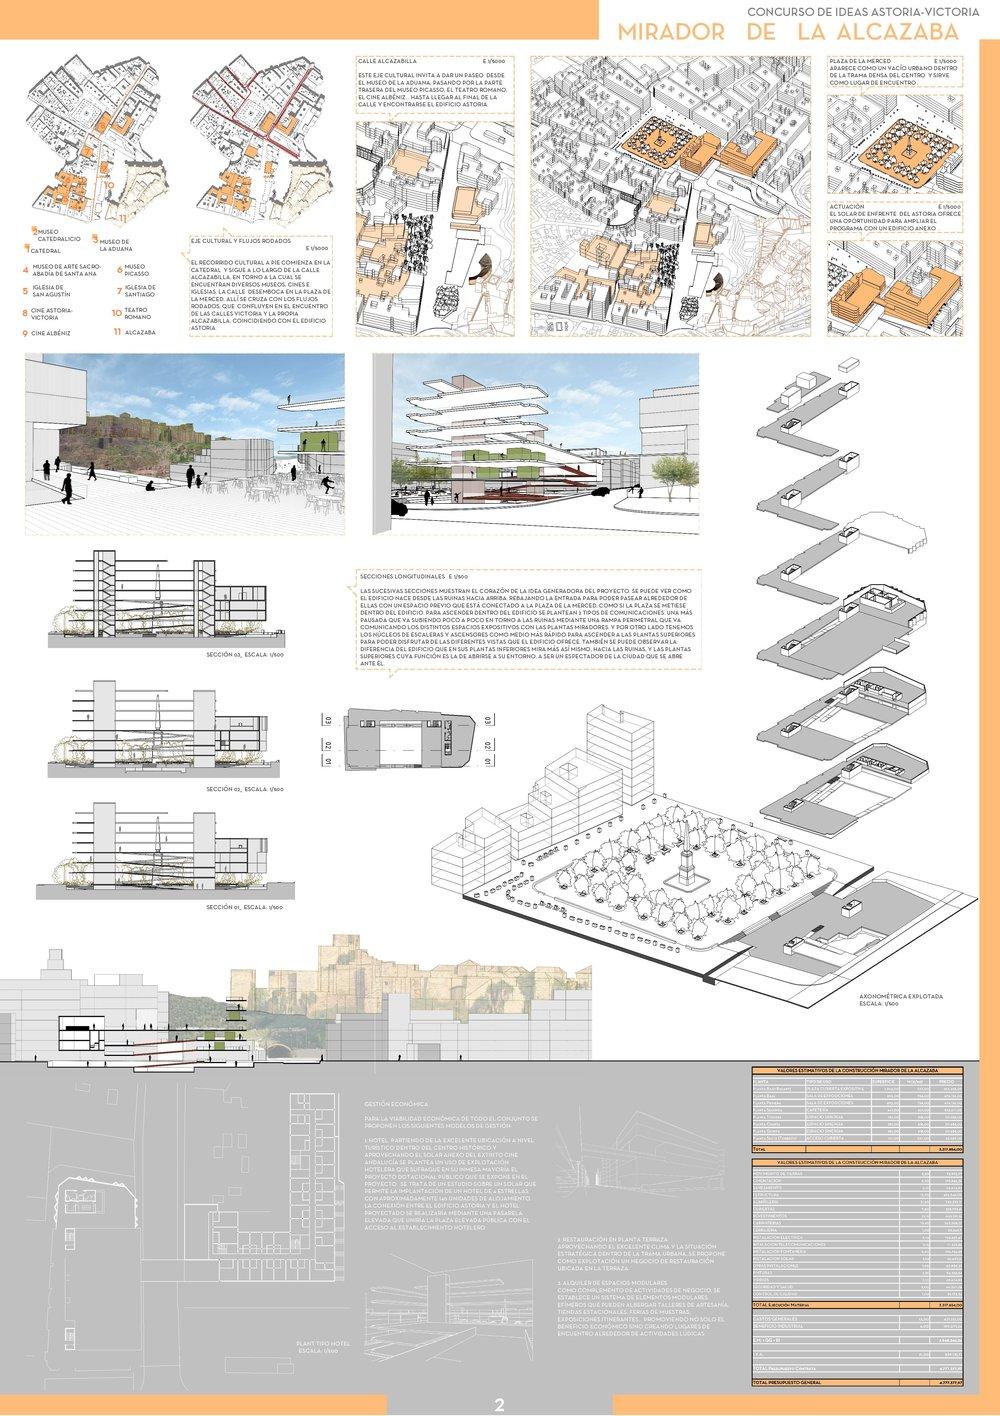 MIRADOR DE LA ALCAZABA_002-page-001.jpg